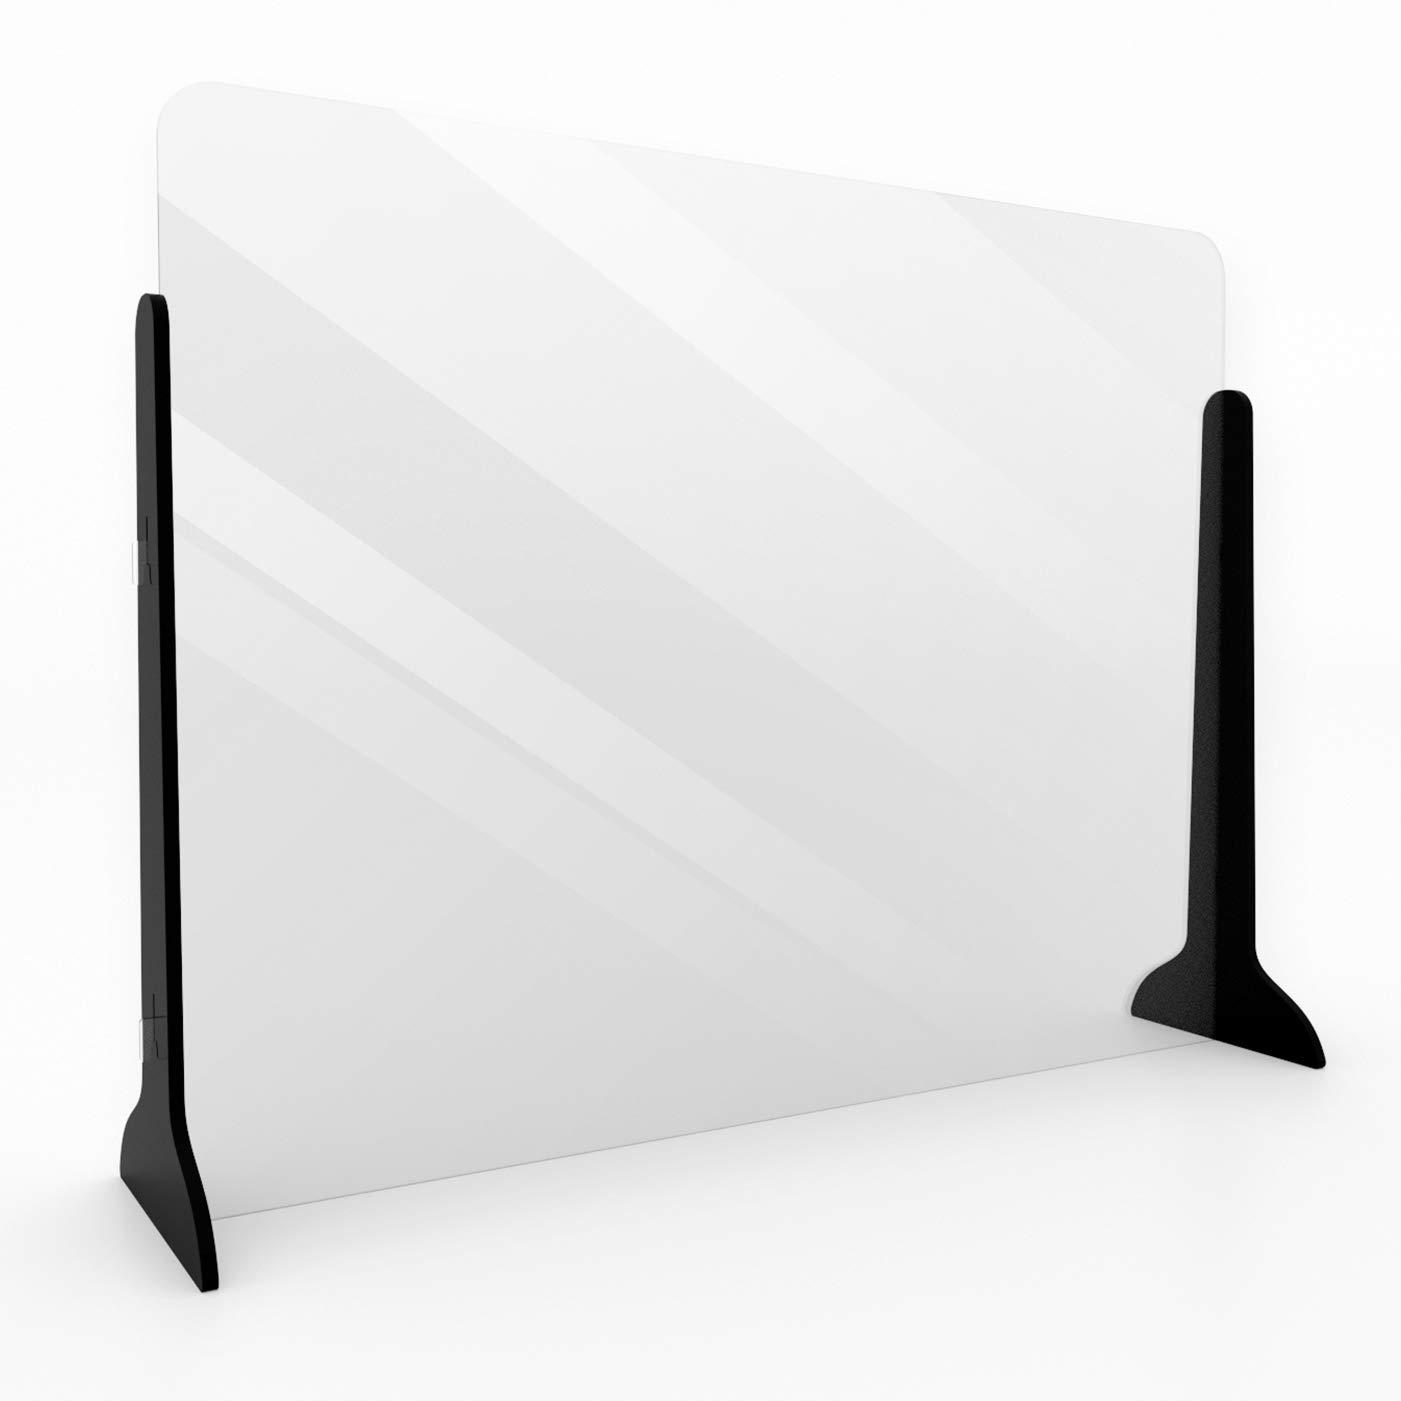 LYQCZ Trennwand /& Hustenschutz 400x400mm Schutzscheibe Thekenaufsatz Transparente Platten Hustenschutz Plexiglas Schutzwand Schutzscheibe Mit Durchreiche Spuckschutz Acrylglas